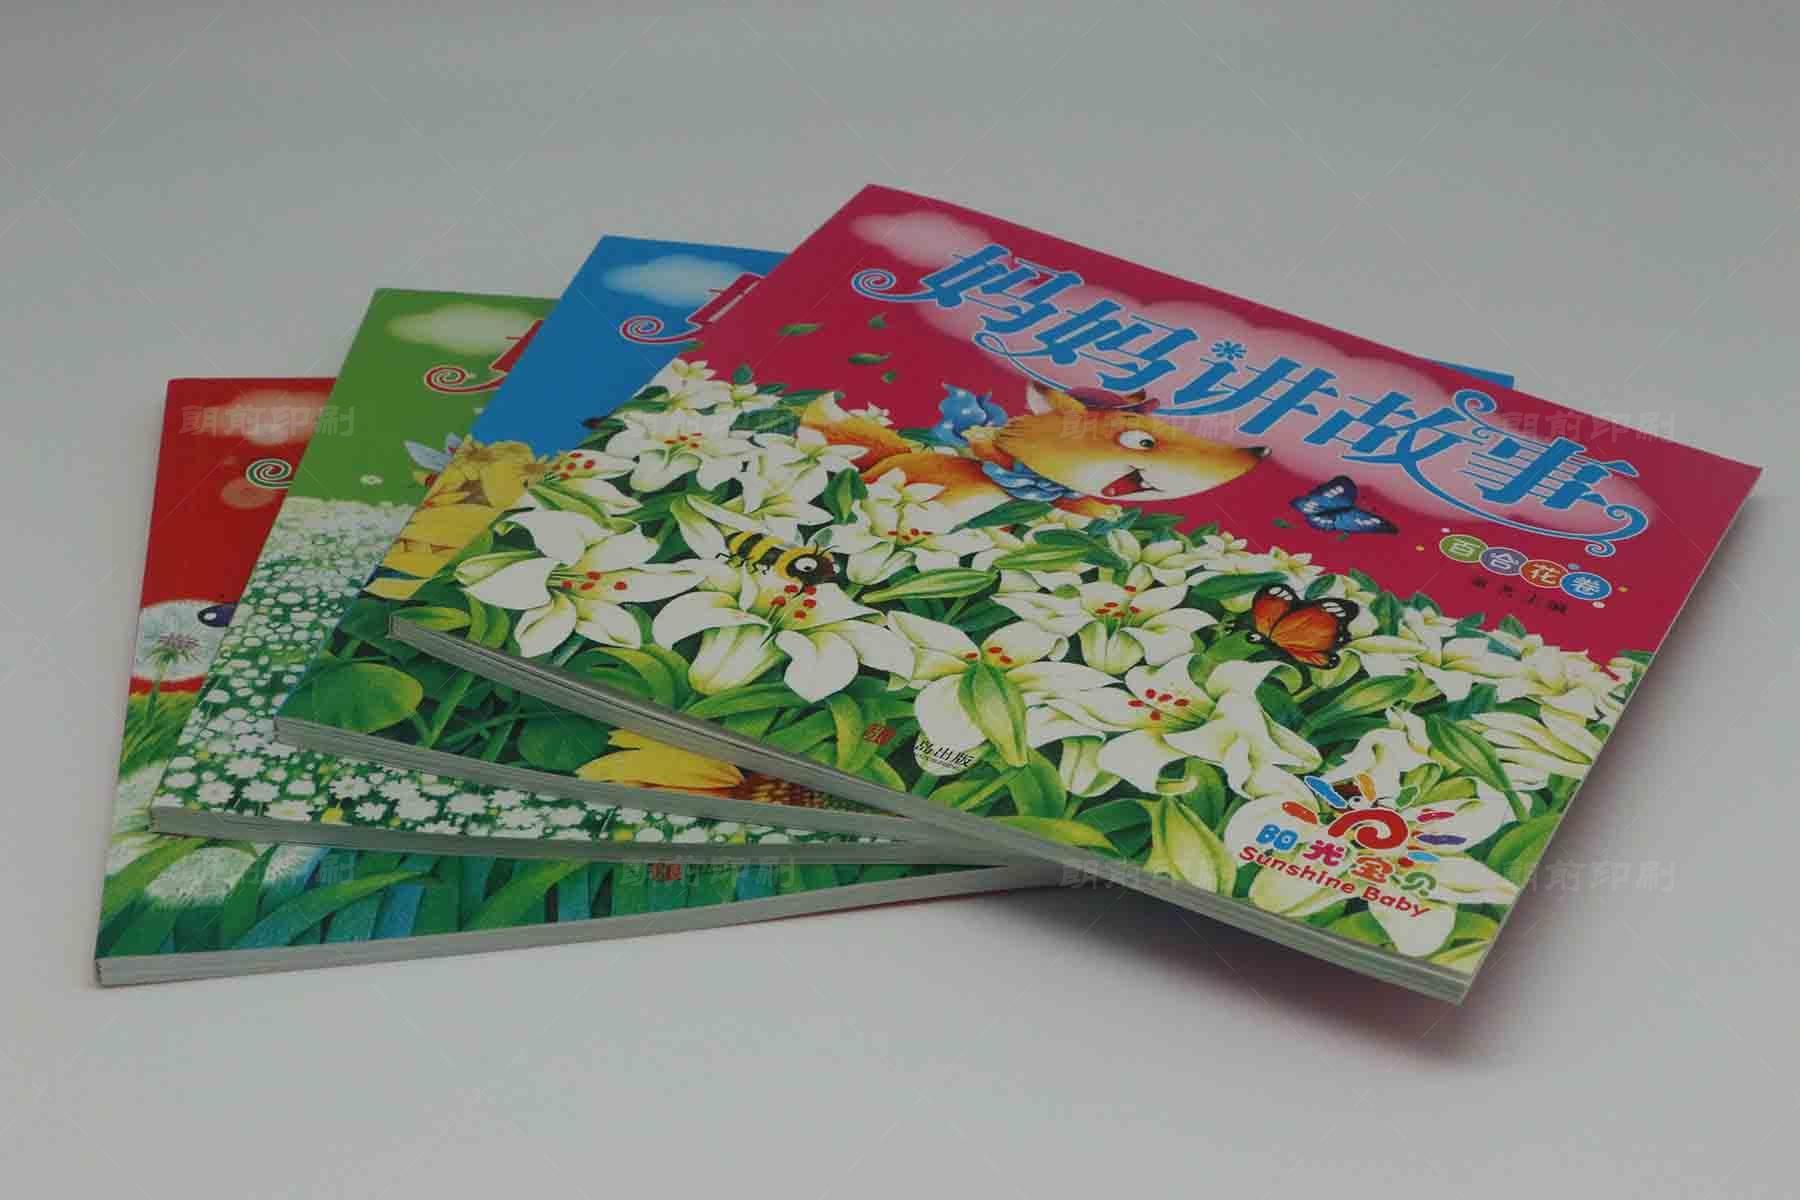 广州产品摄影印刷画册 广州公司画册印刷设计哪家好